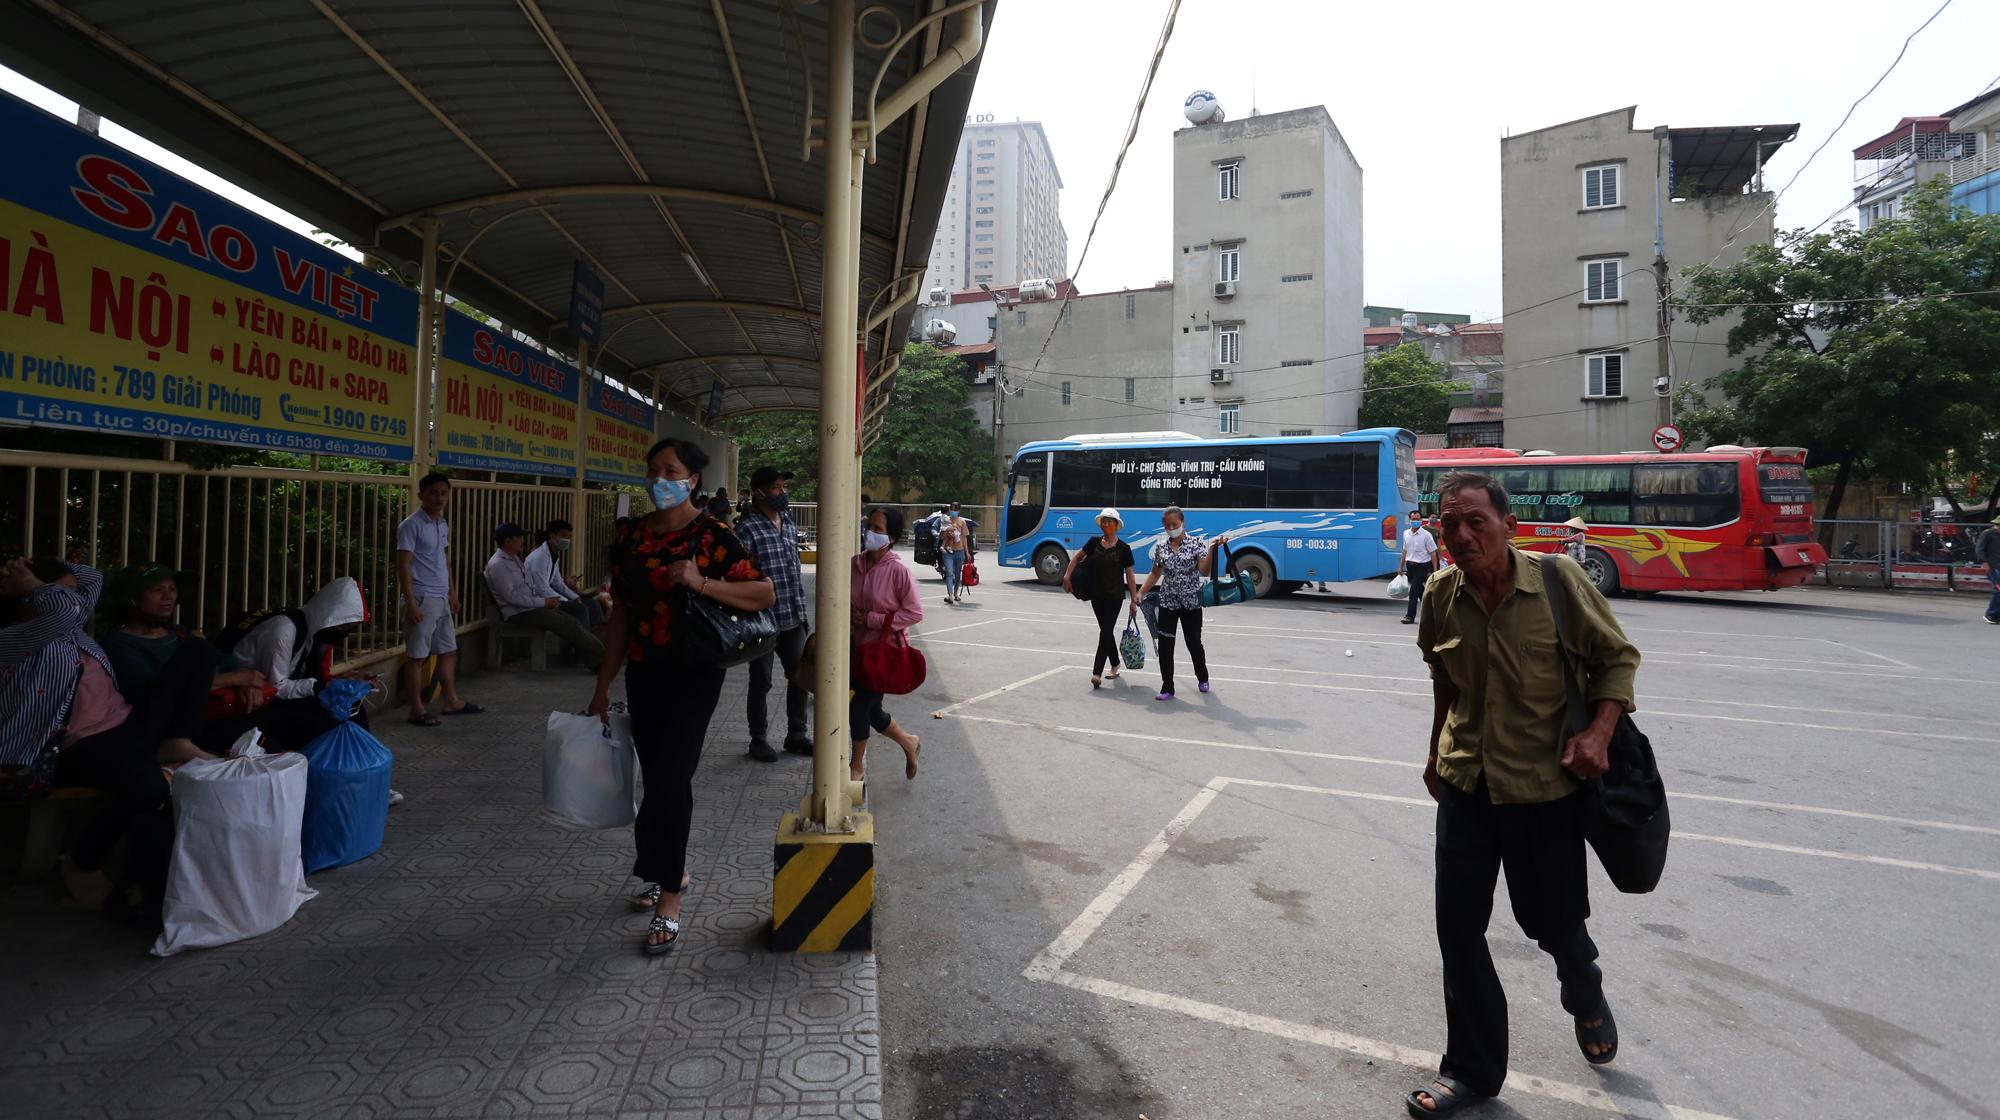 Vận tải khách trở lại bình thường, bến xe ở Hà Nội vẫn vắng vẻ - Ảnh 14.